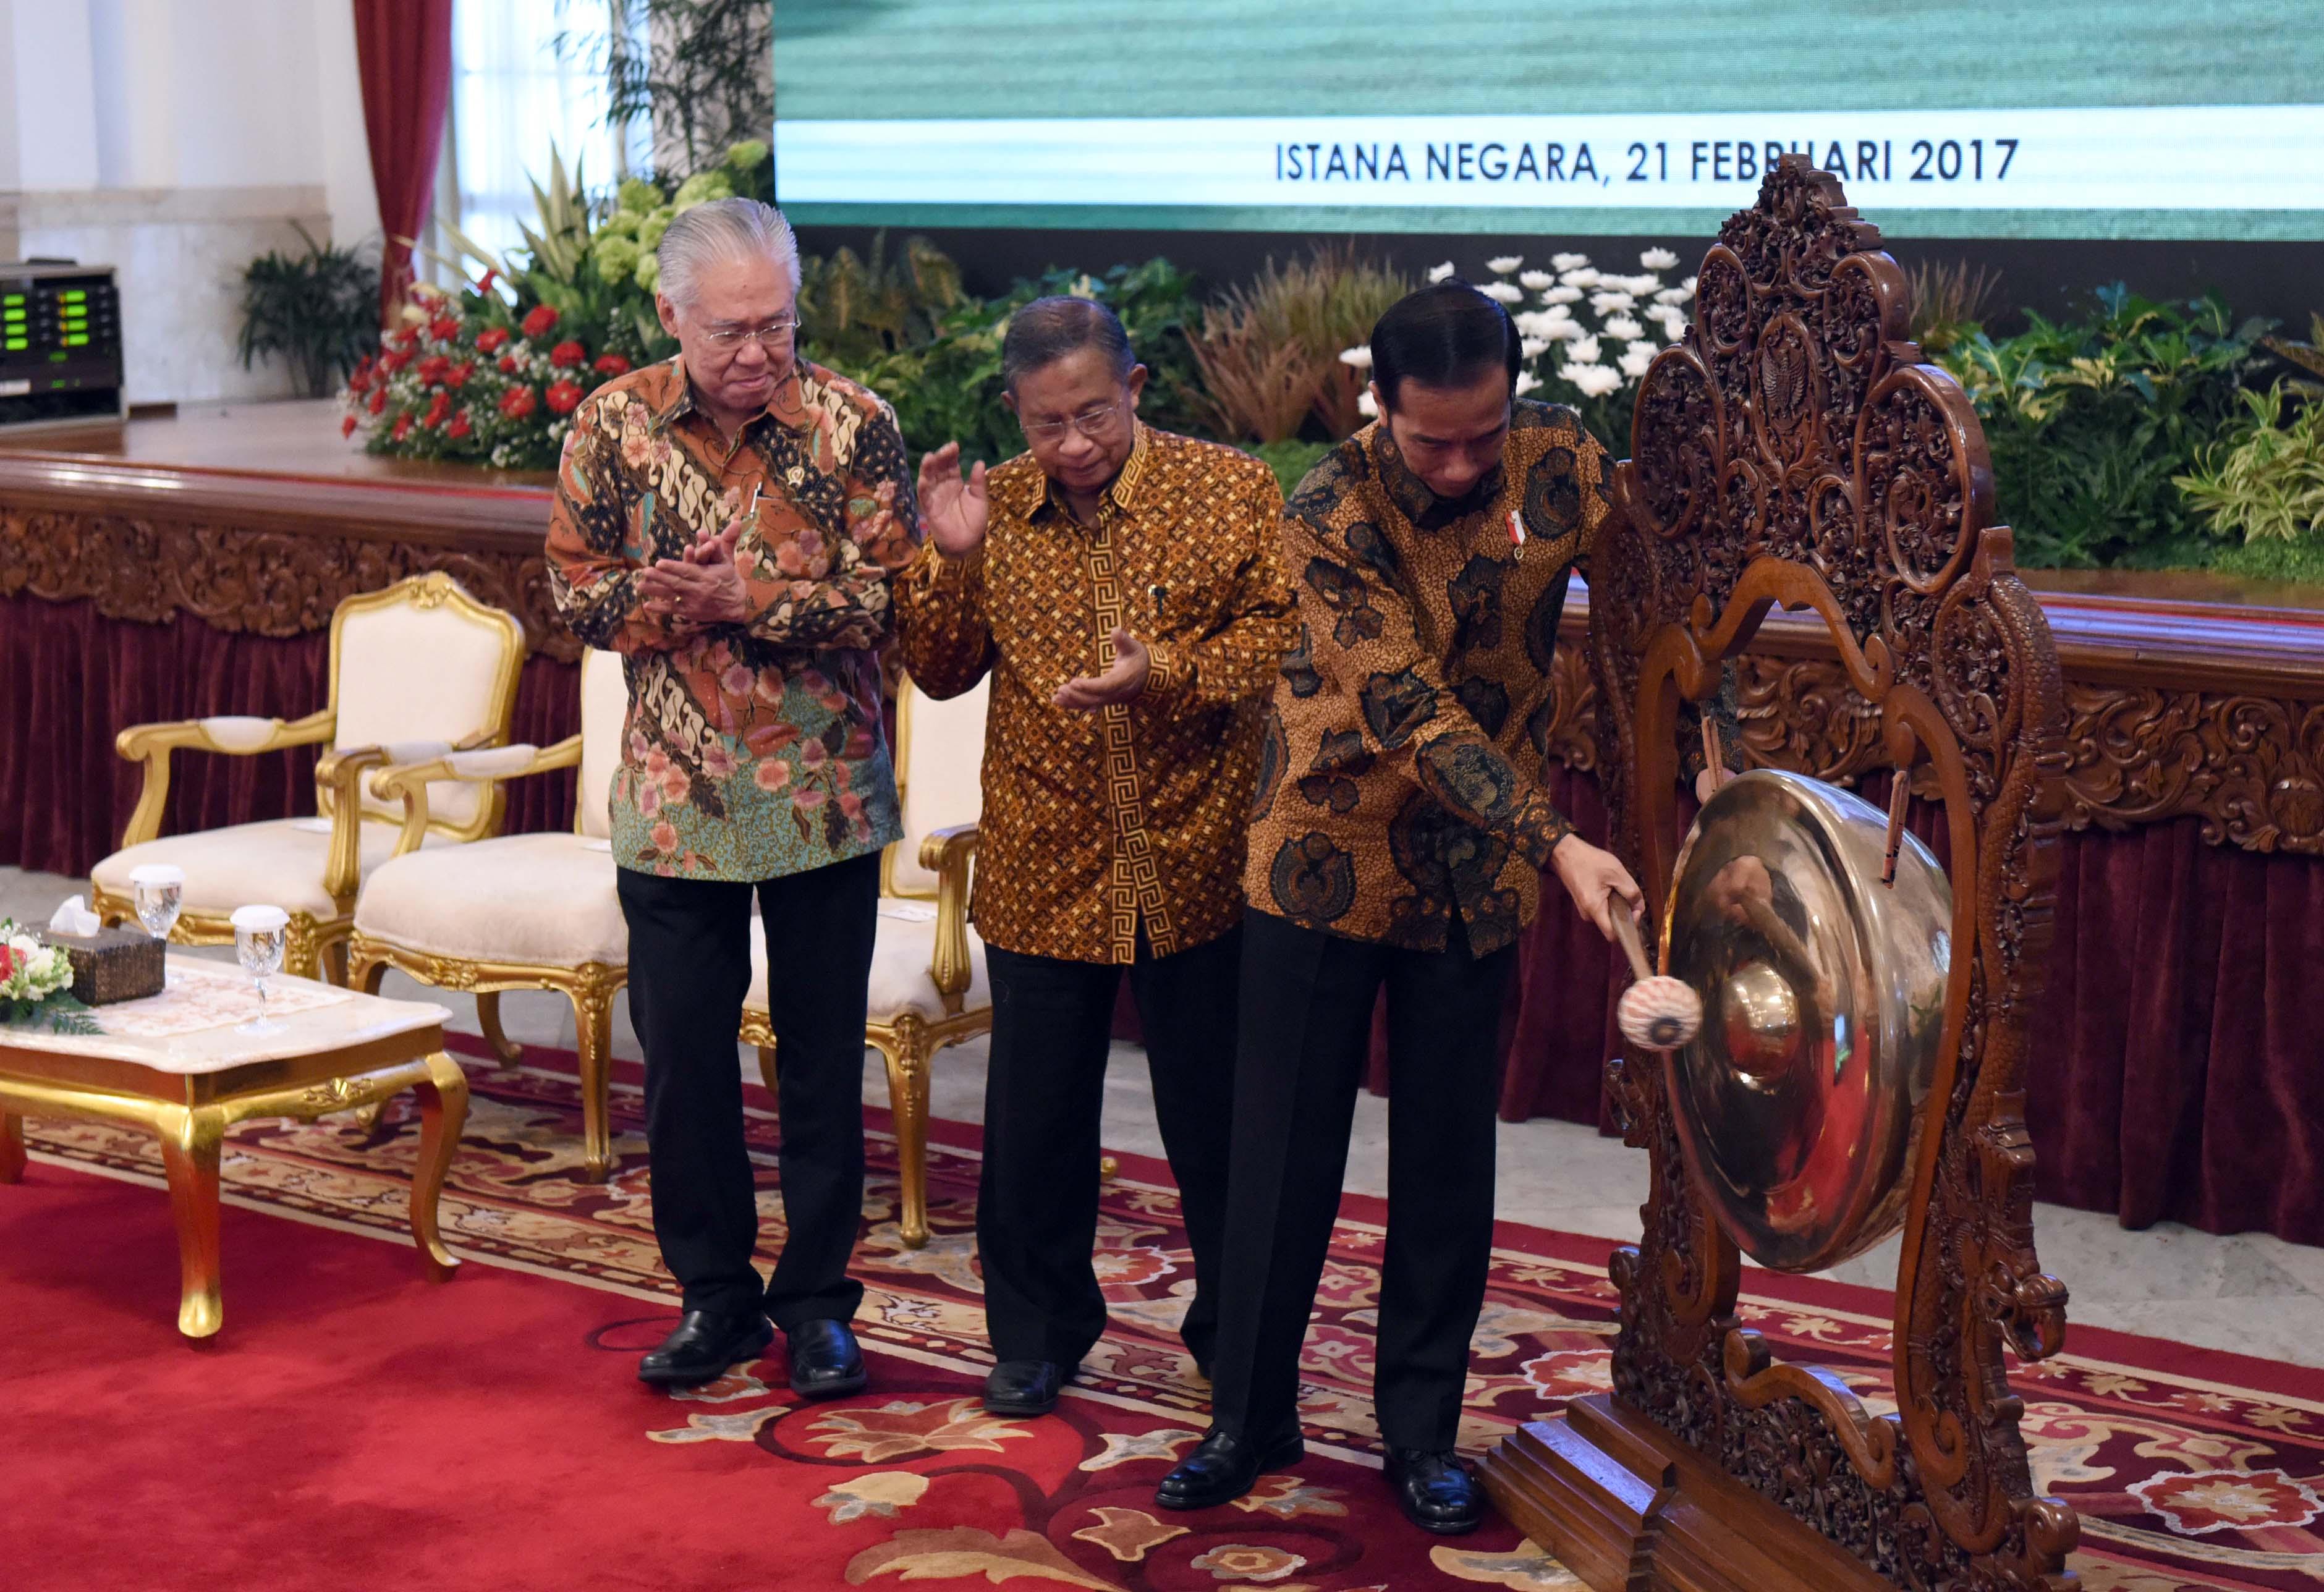 Presiden Jokowi didampingi Menko Perekonomian dan Mendag memukul gong tanda dimulainya Raker Kementerian Perdagangan 2017, di Istana Negara, jakarta, Selasa (21/2) pagi. (Foto: JAY/Humas)